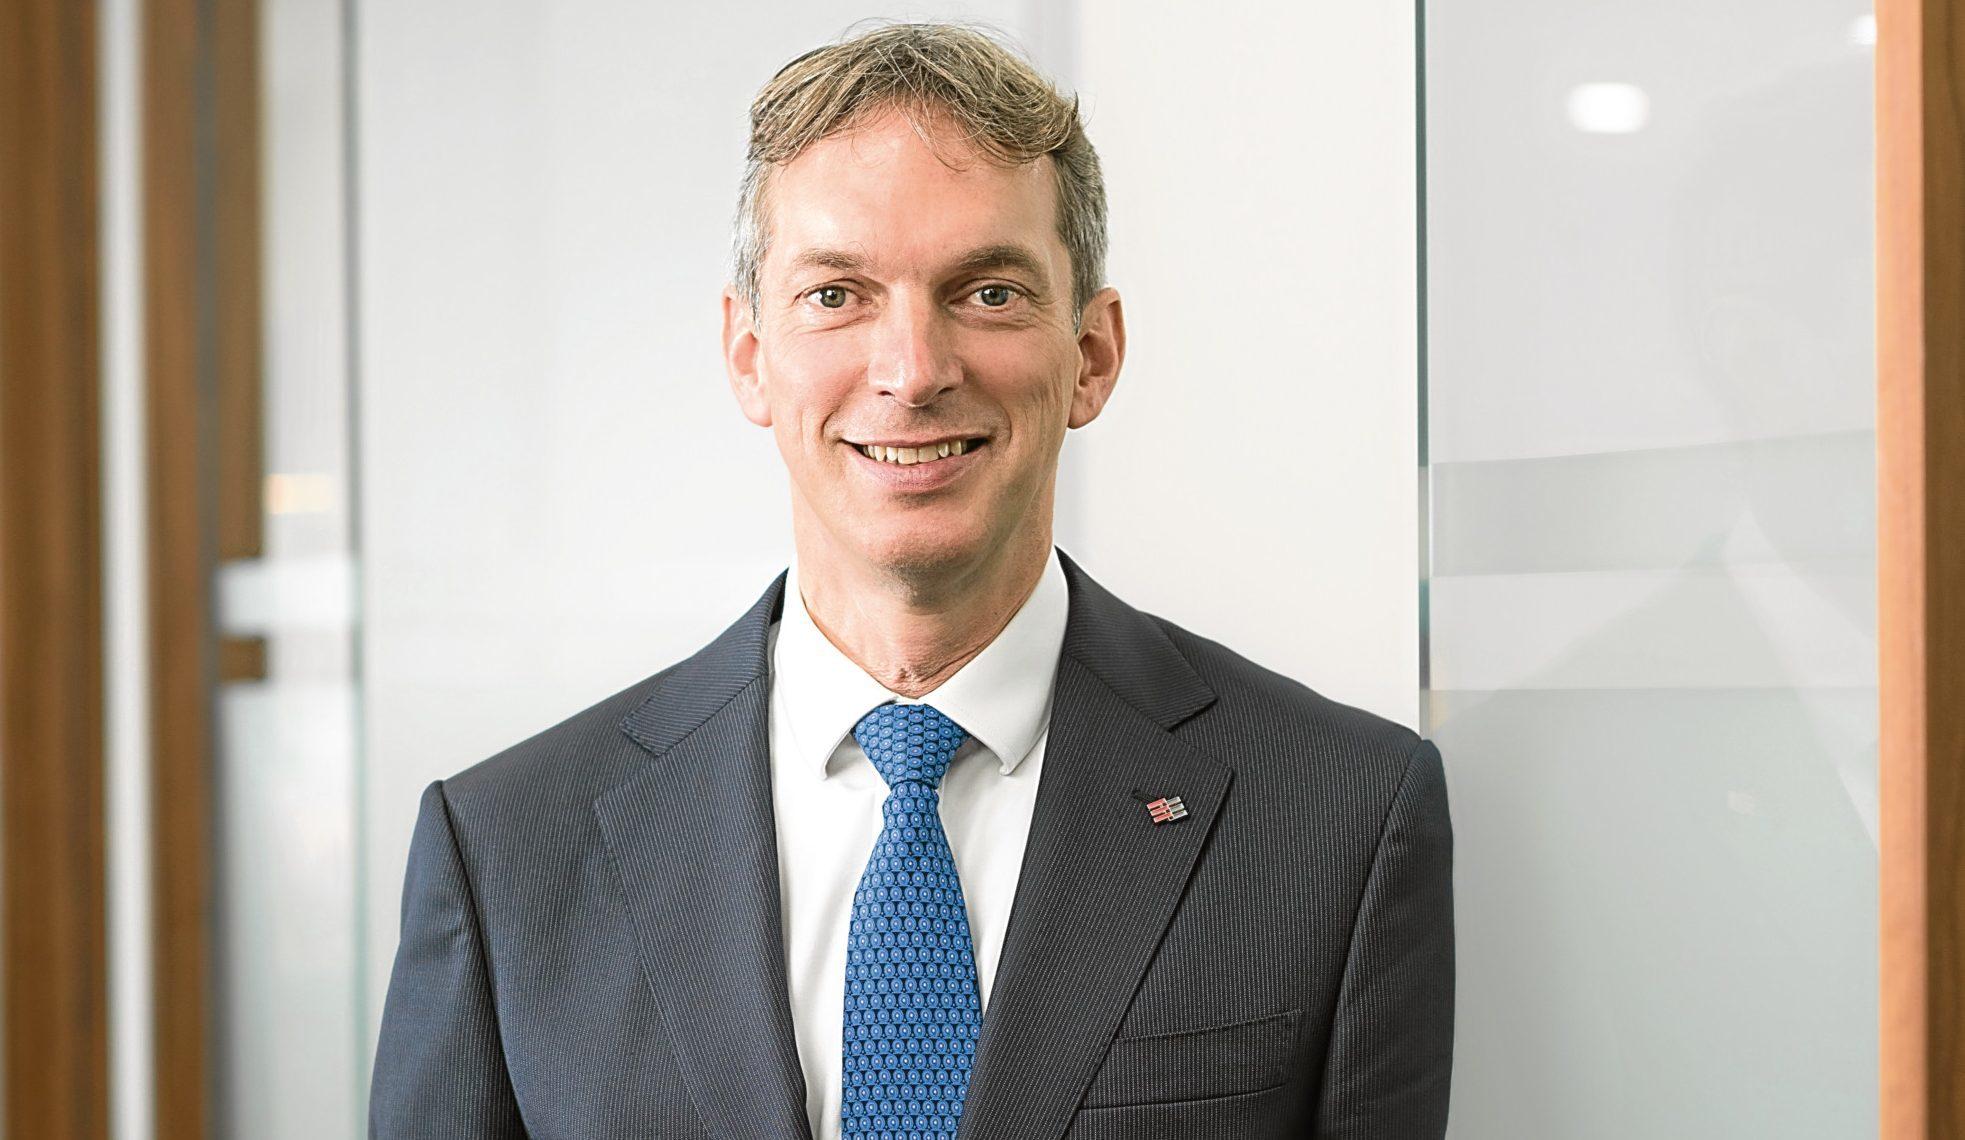 New Low & Bionar chief executive Philip de Klerk